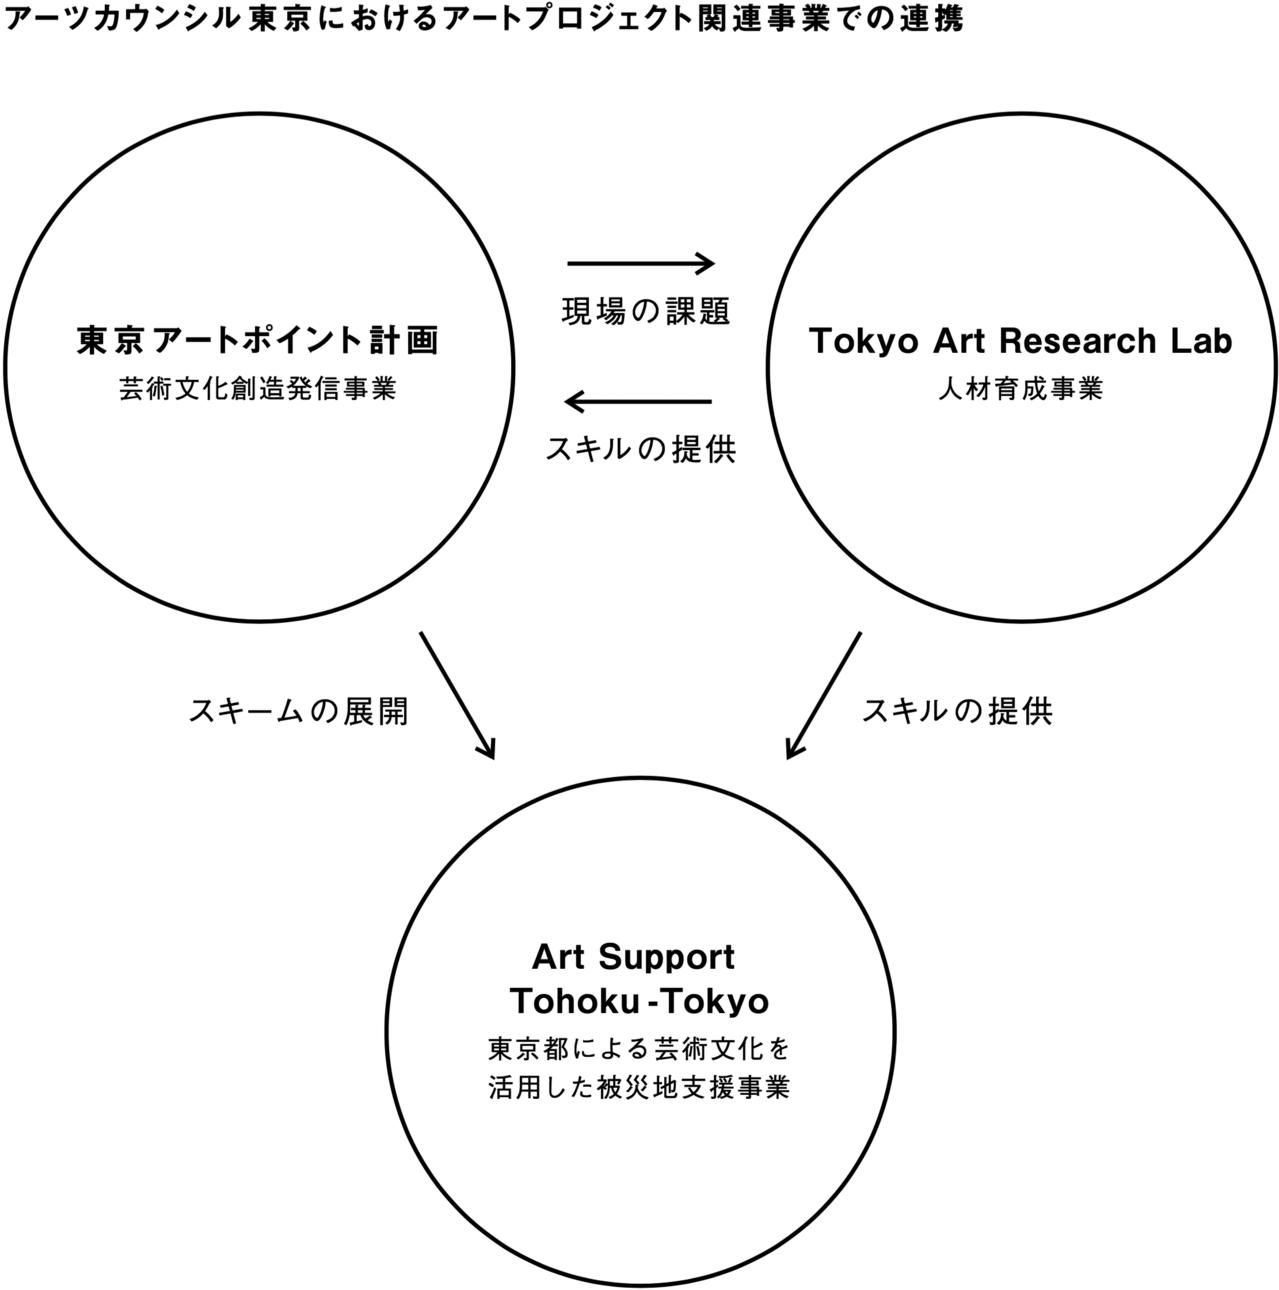 アーツカウンシル東京におけるアートプロジェクト関連事業での連携